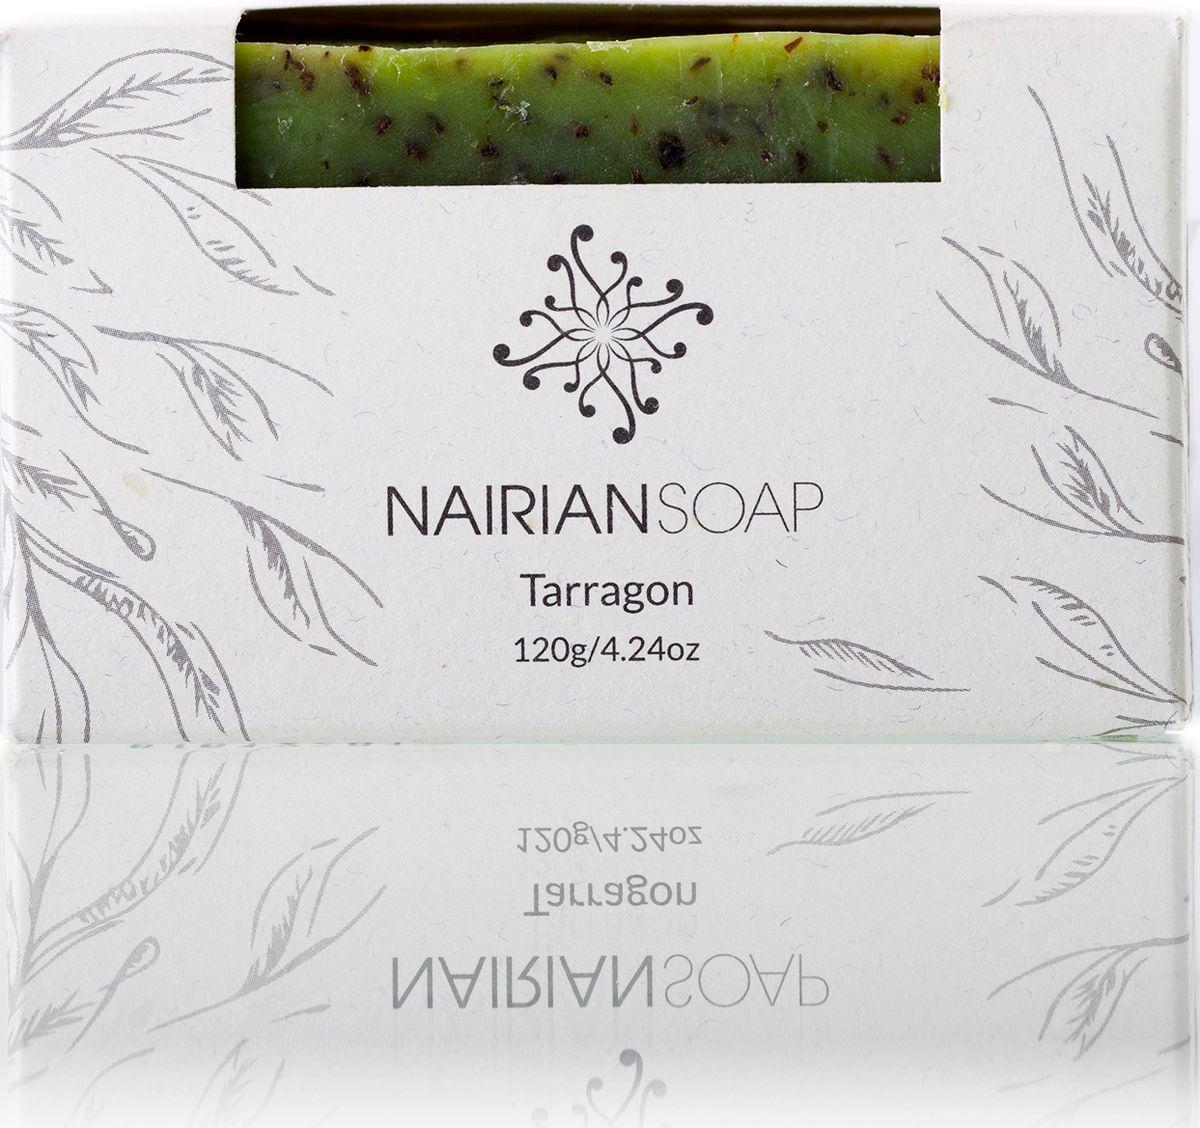 Nairian Мыло, тархун, 120 гBSSTR-01-0120Ароматное мыло с кусочками сушеного тархуна, которые превращают его в превосходный скраб для тела. Благодаря аромату тархуна и его способности препятствовать развитию бактерий на коже успешно устраняет неприятные запахи. Масло виноградных косточек повышает тонус и увлажняет кожу, повышая её эластичность.